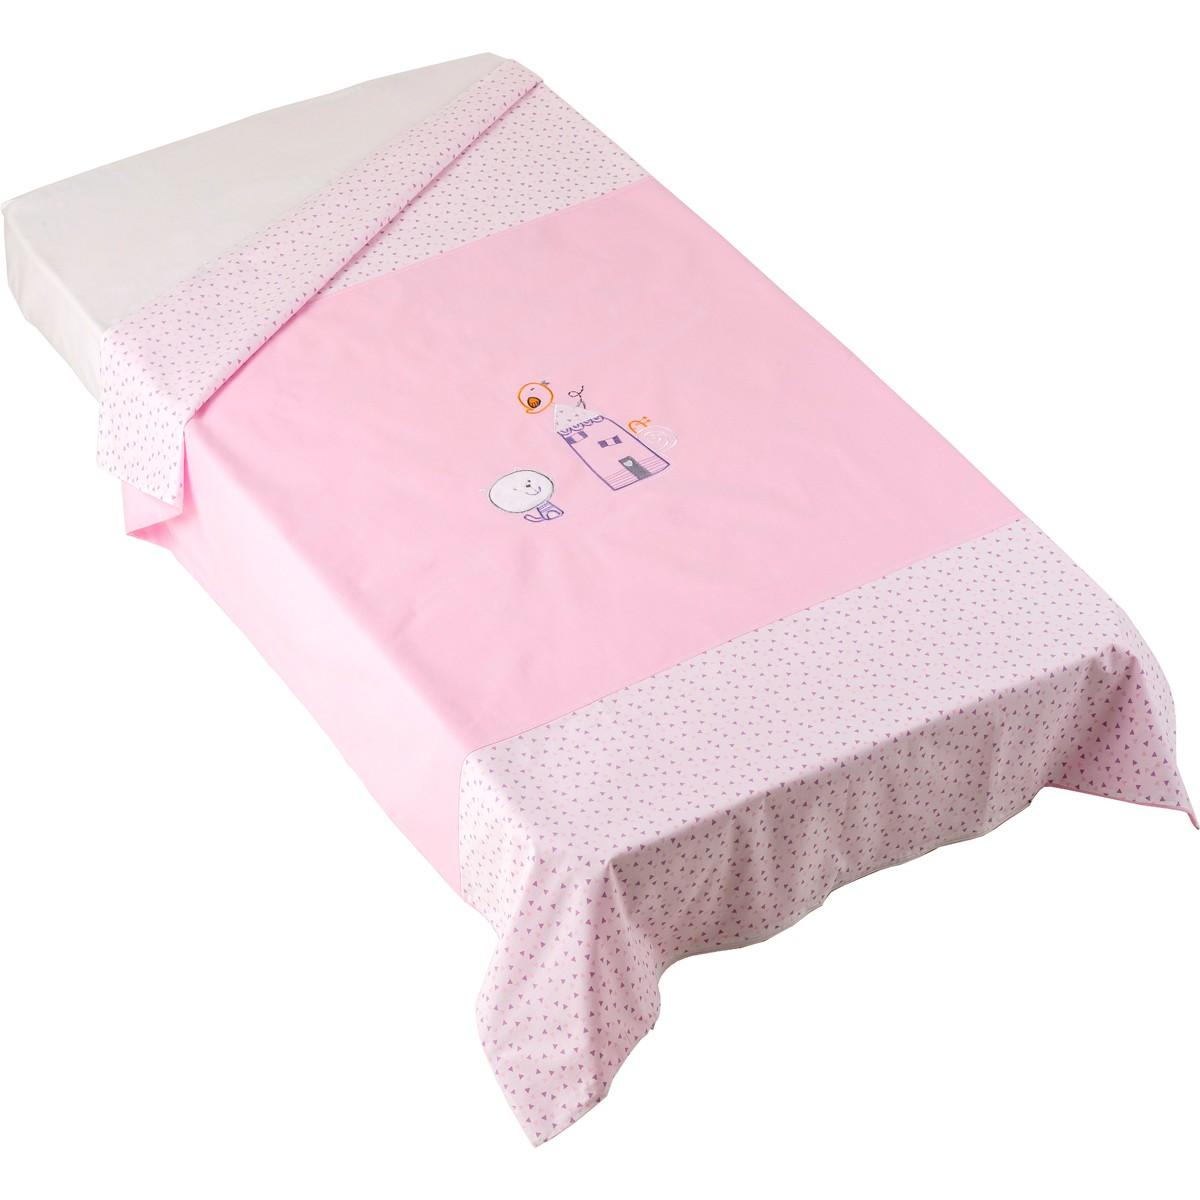 Παπλωματοθήκη Κούνιας Κόσμος Του Μωρού 7890 Home Ρόζ